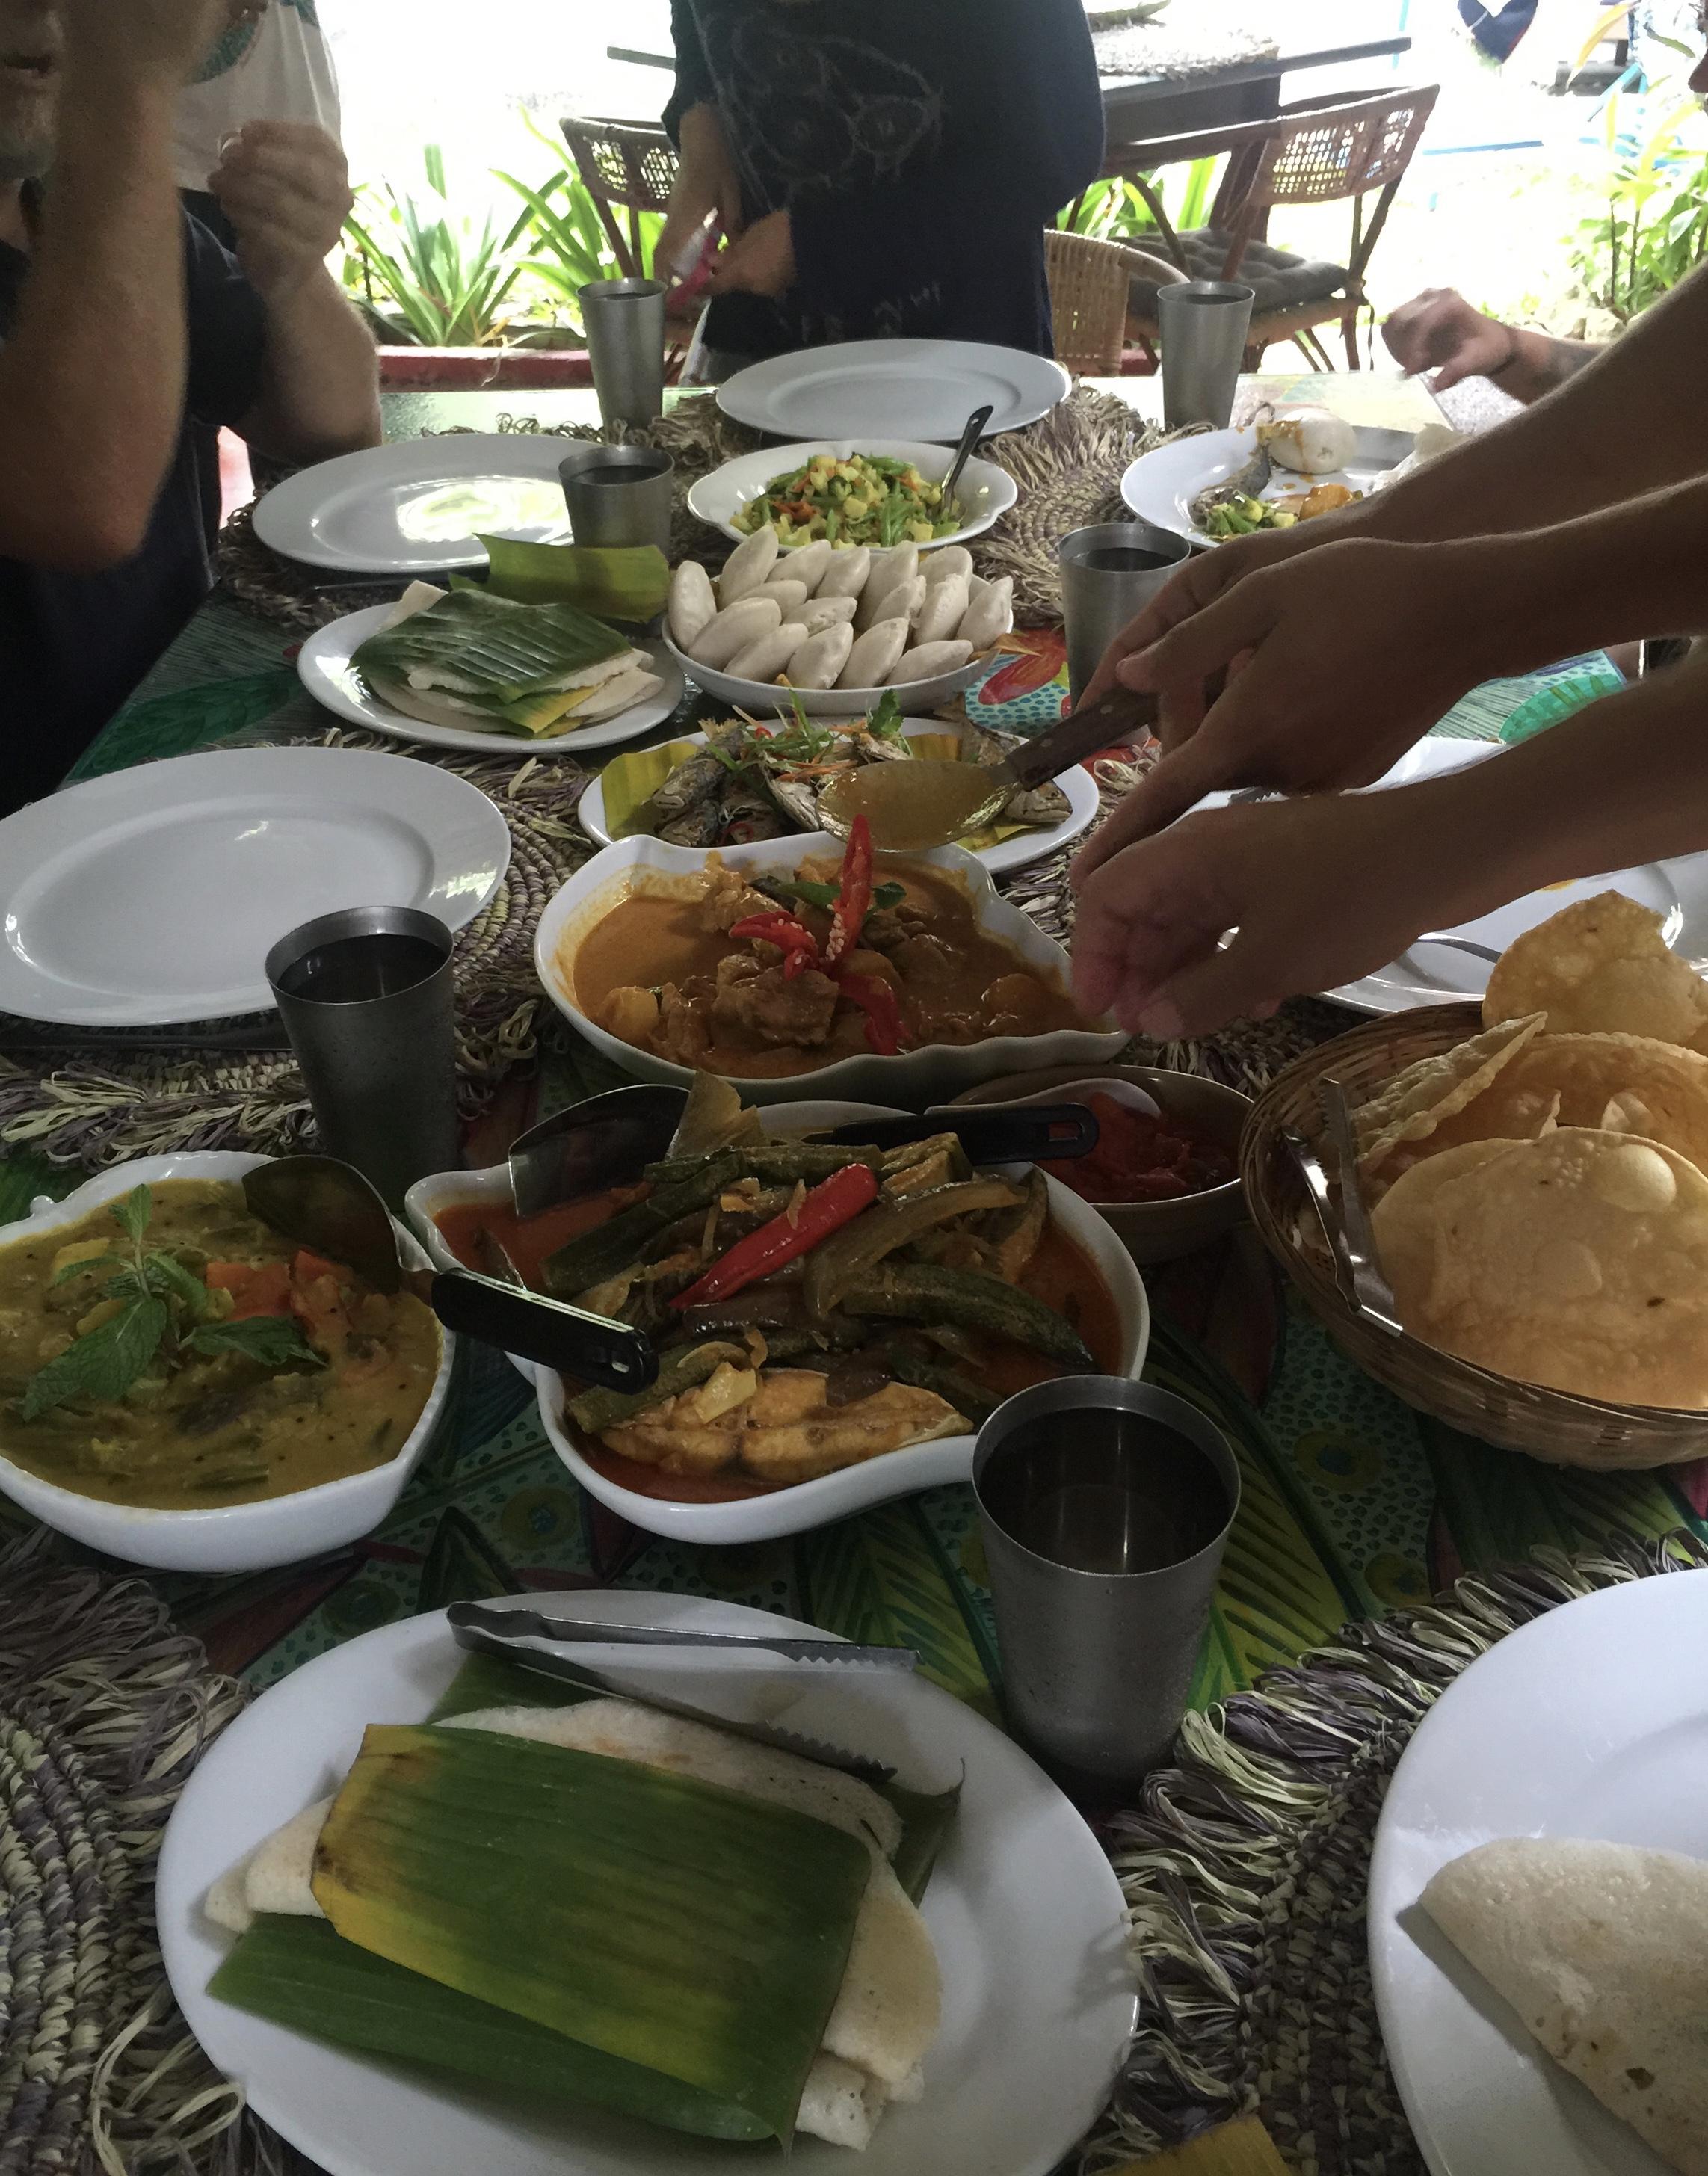 Family bonding over wonderful food!